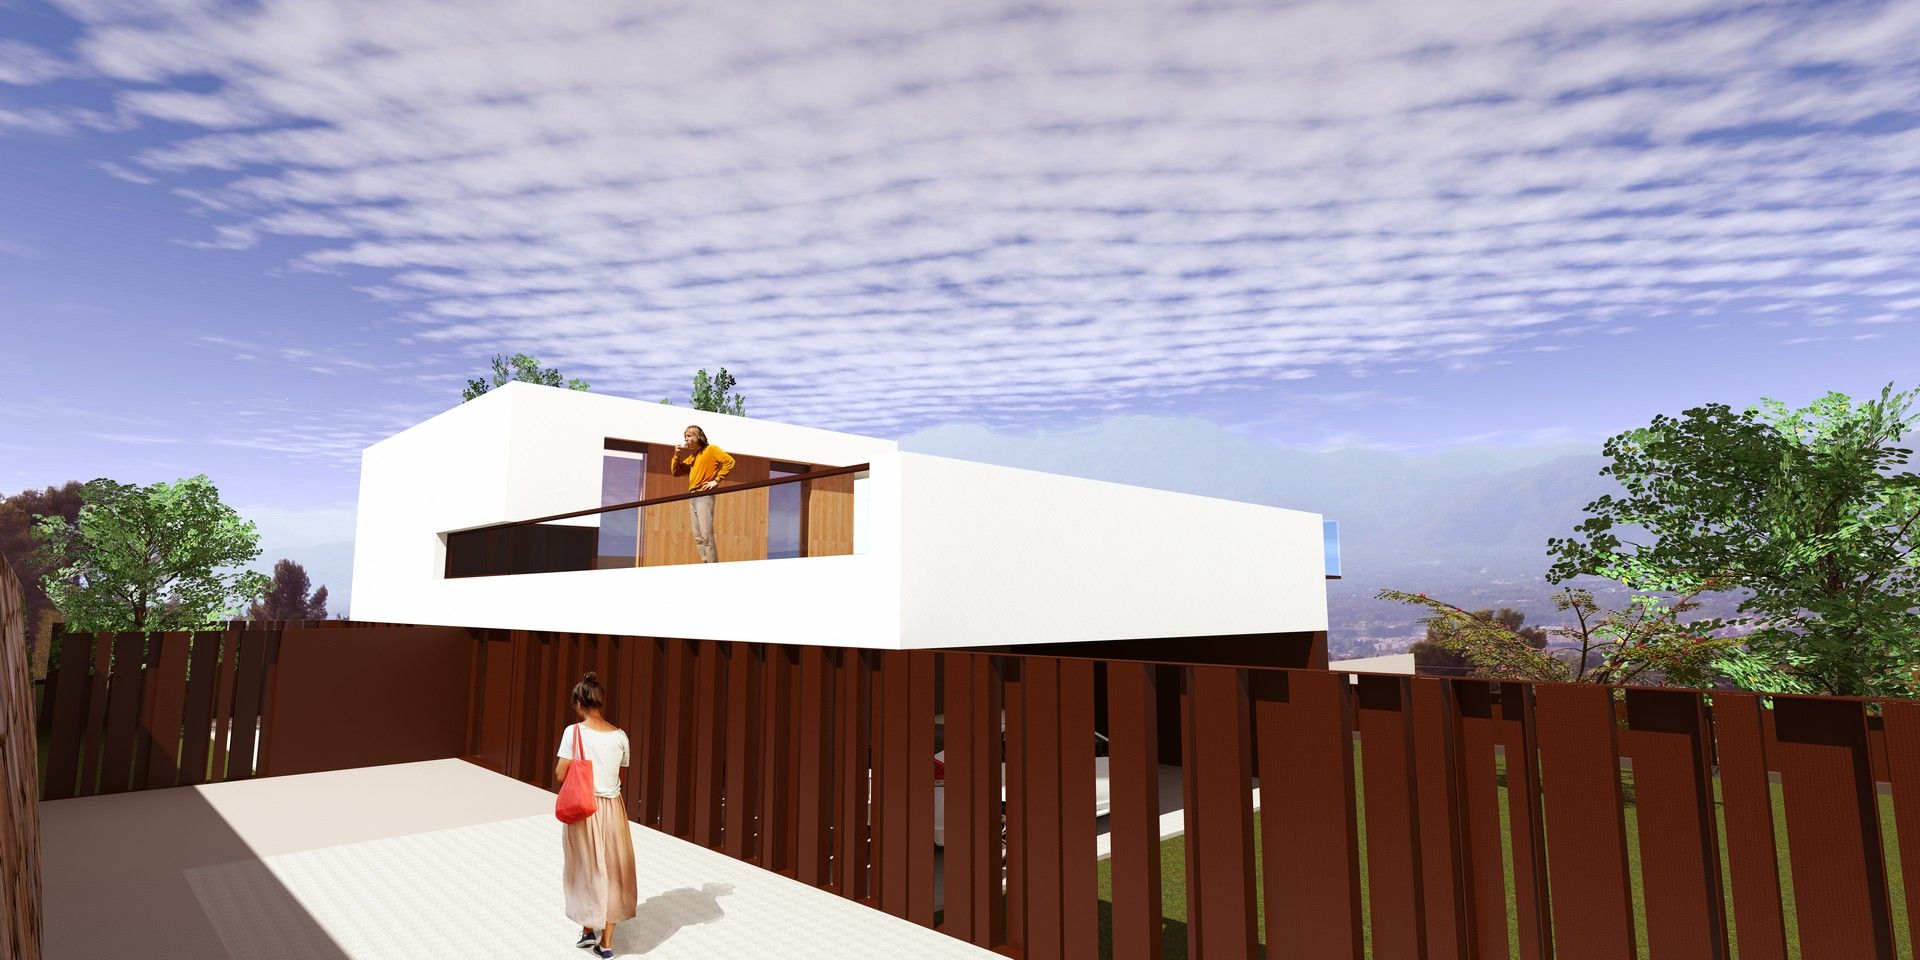 Proyecto casa acero modular prefabricada tekdom - Acero modular precios ...